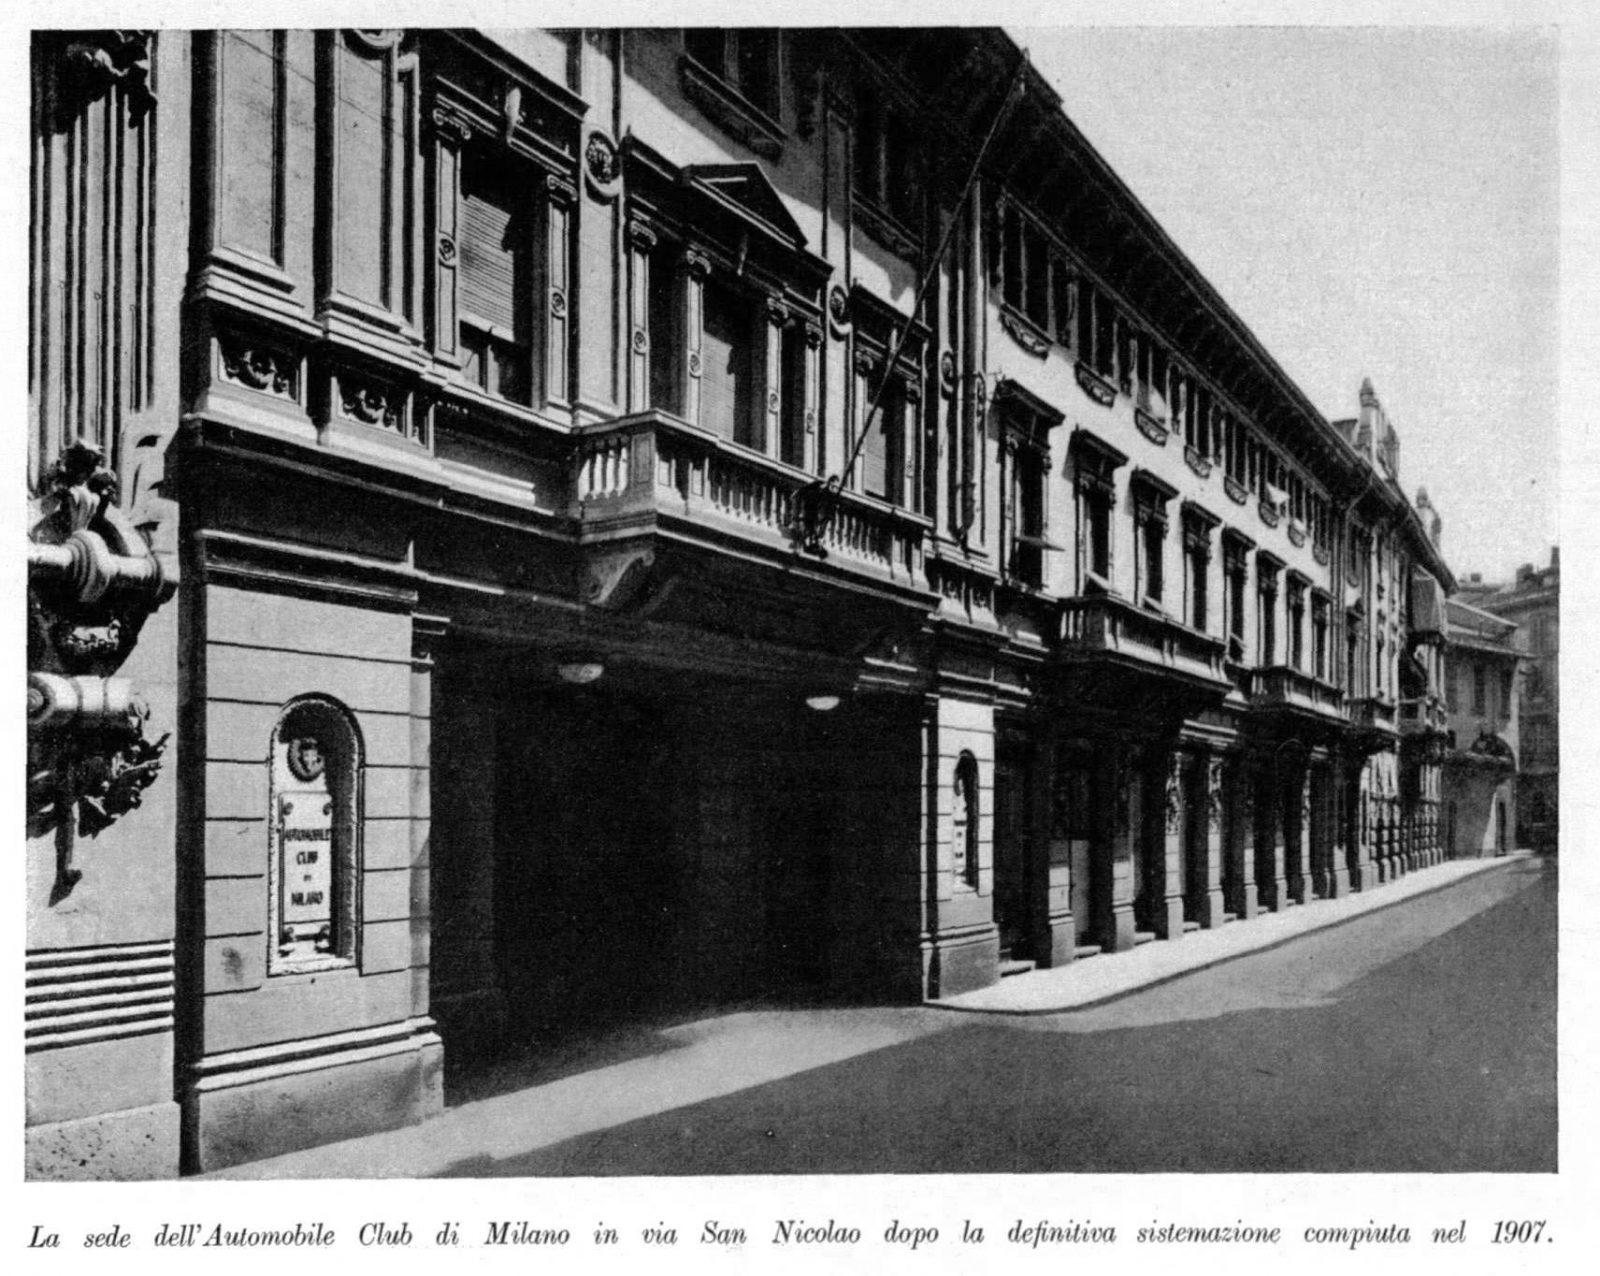 """La sede dell'Automobile Club di Milano nel 1907 (fonte: ACI, """"I cinquant'anni dell'automobile Club di Milano: 1903-1953"""")"""